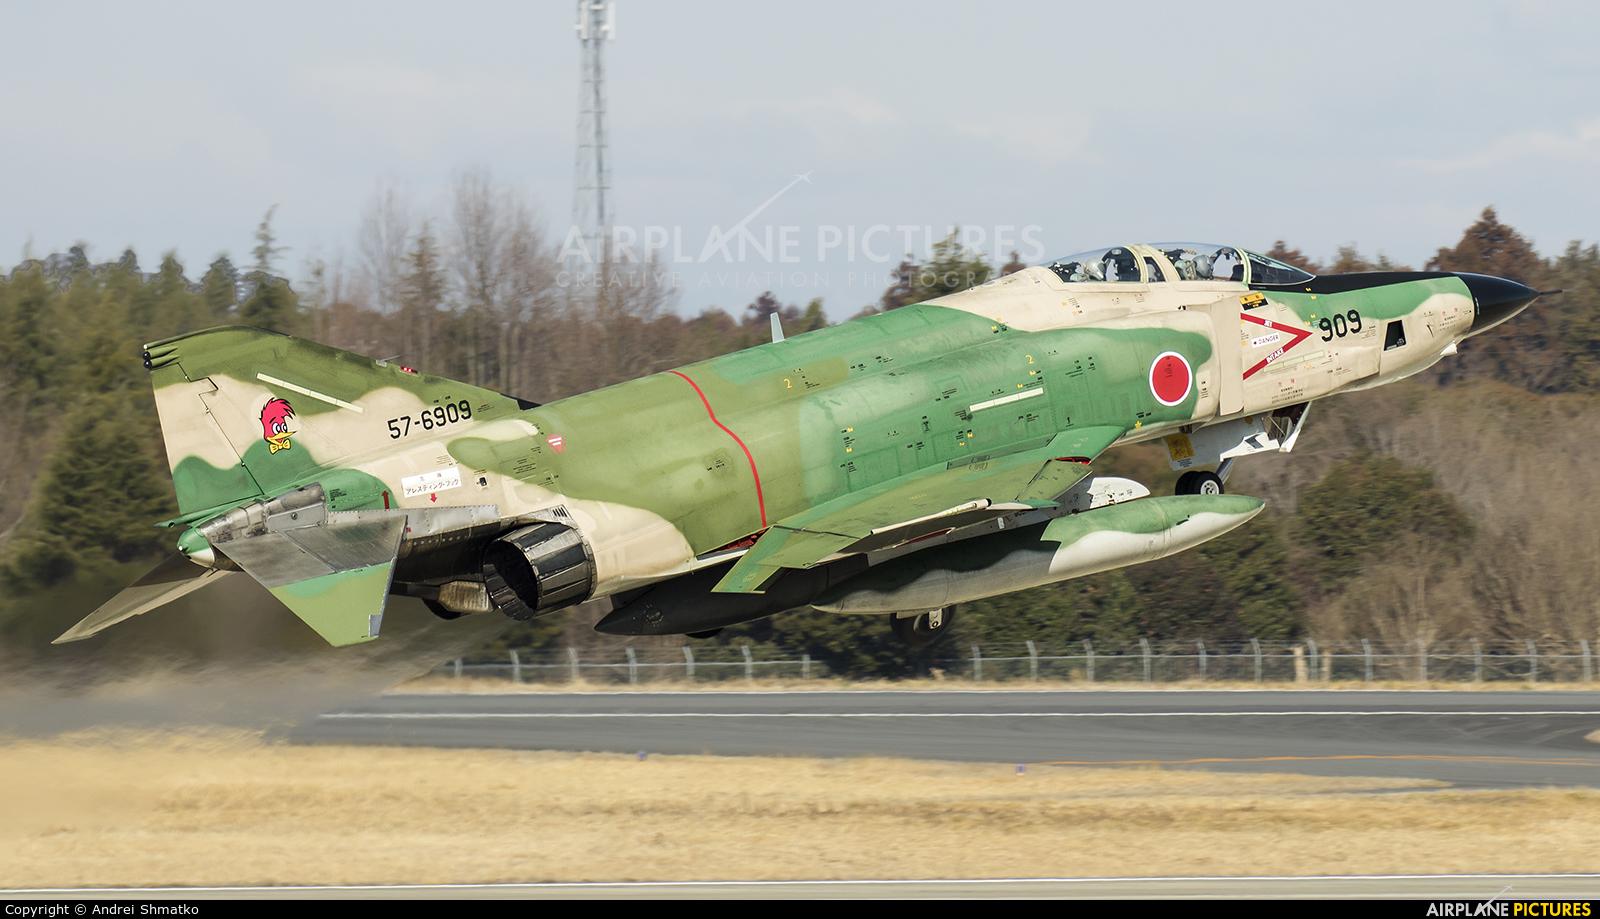 Japan - Air Self Defence Force 57-6909 aircraft at Ibaraki - Hyakuri AB